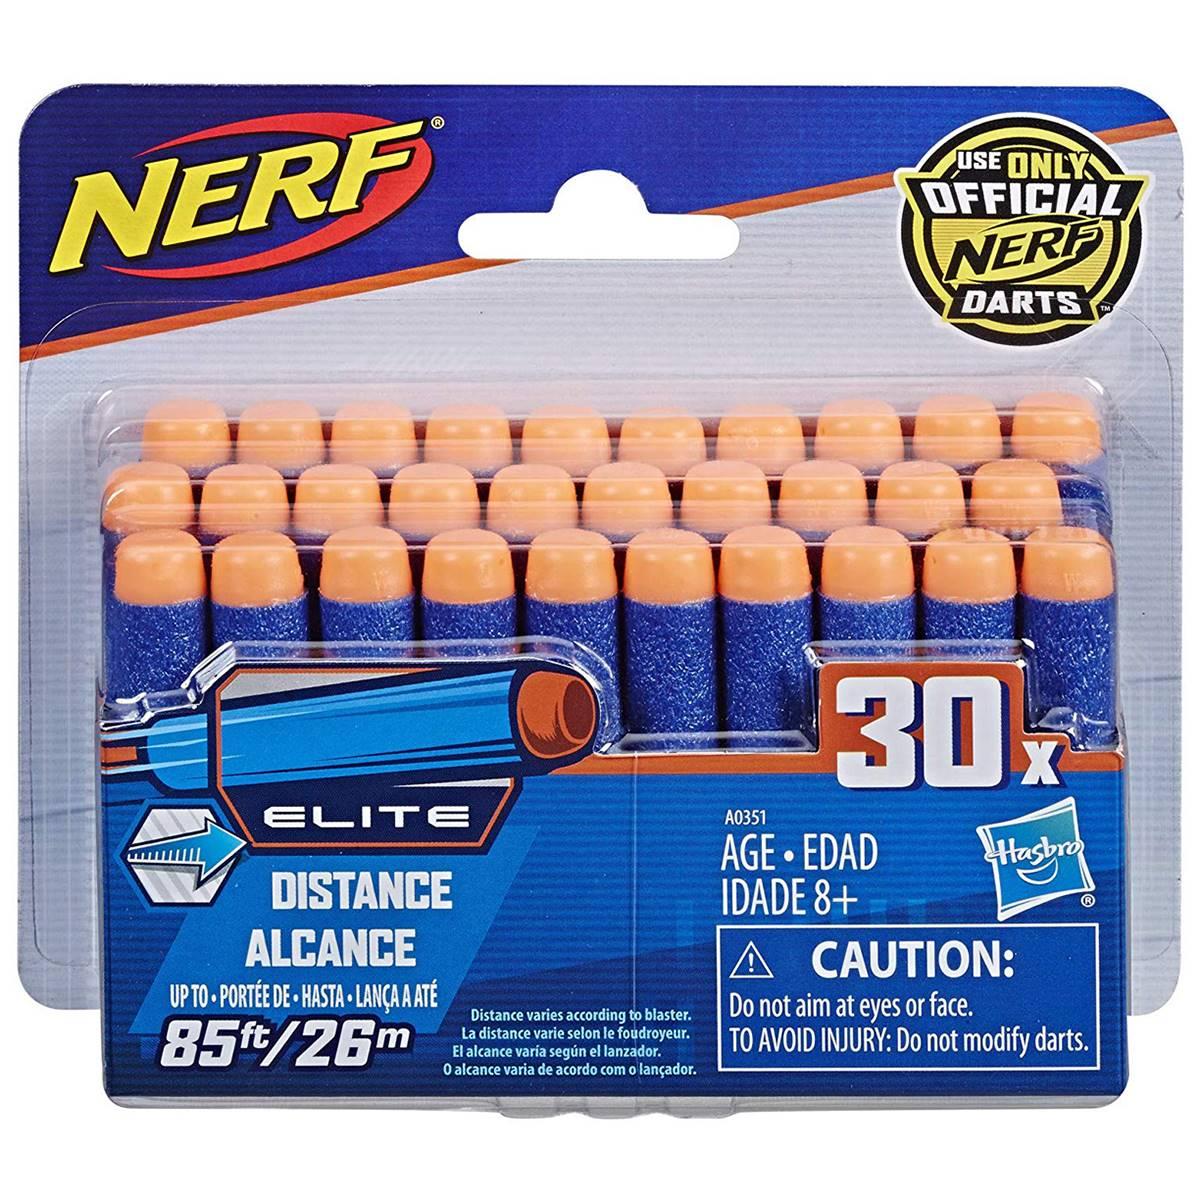 30 חיצי נרף NERF ELITE בסיסיים